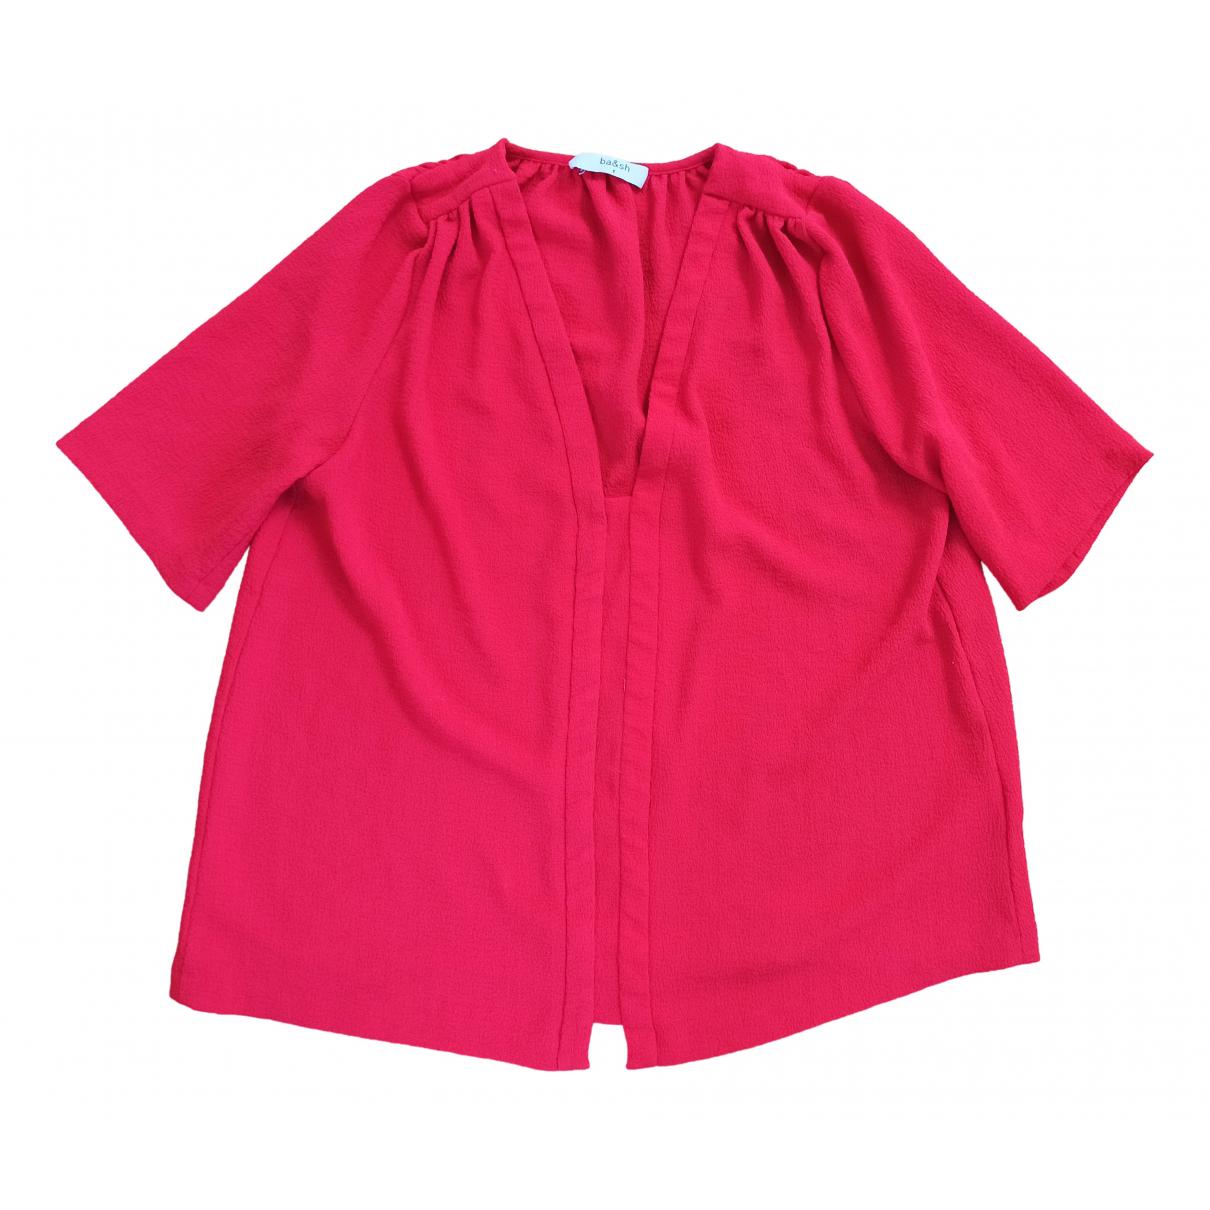 Ba&sh - Top   pour femme - rouge